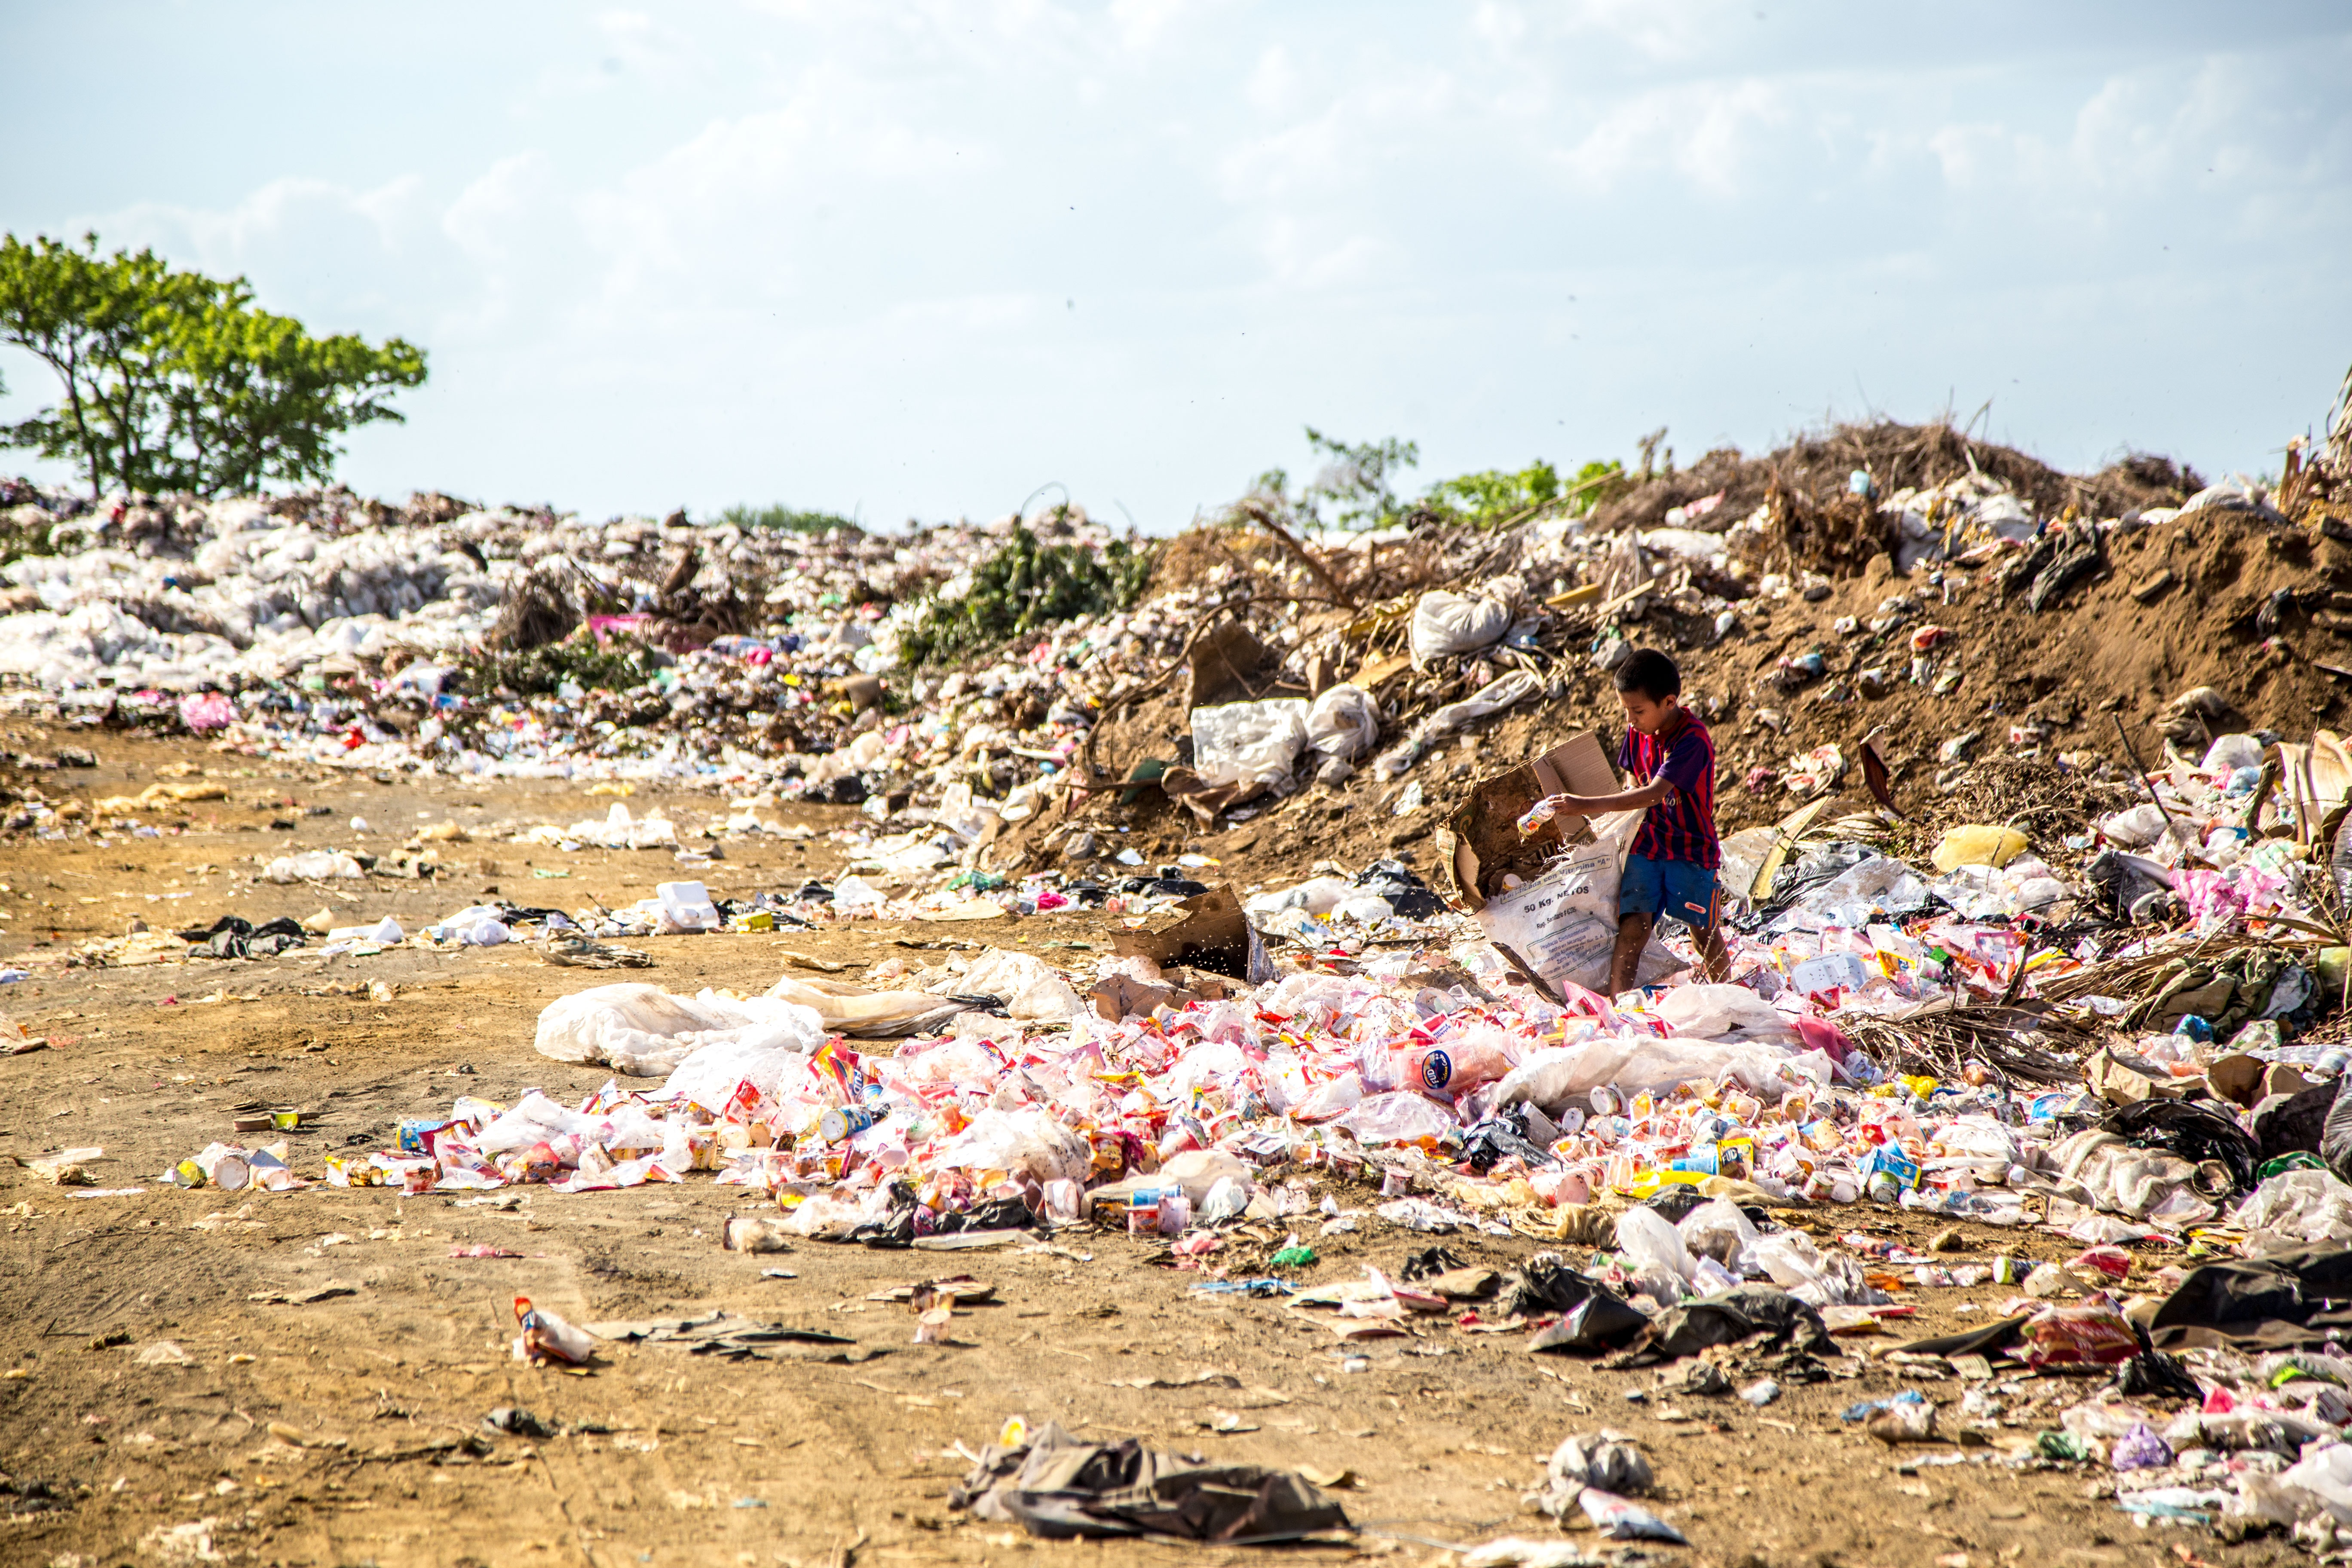 Plastik ender i havene og naturen